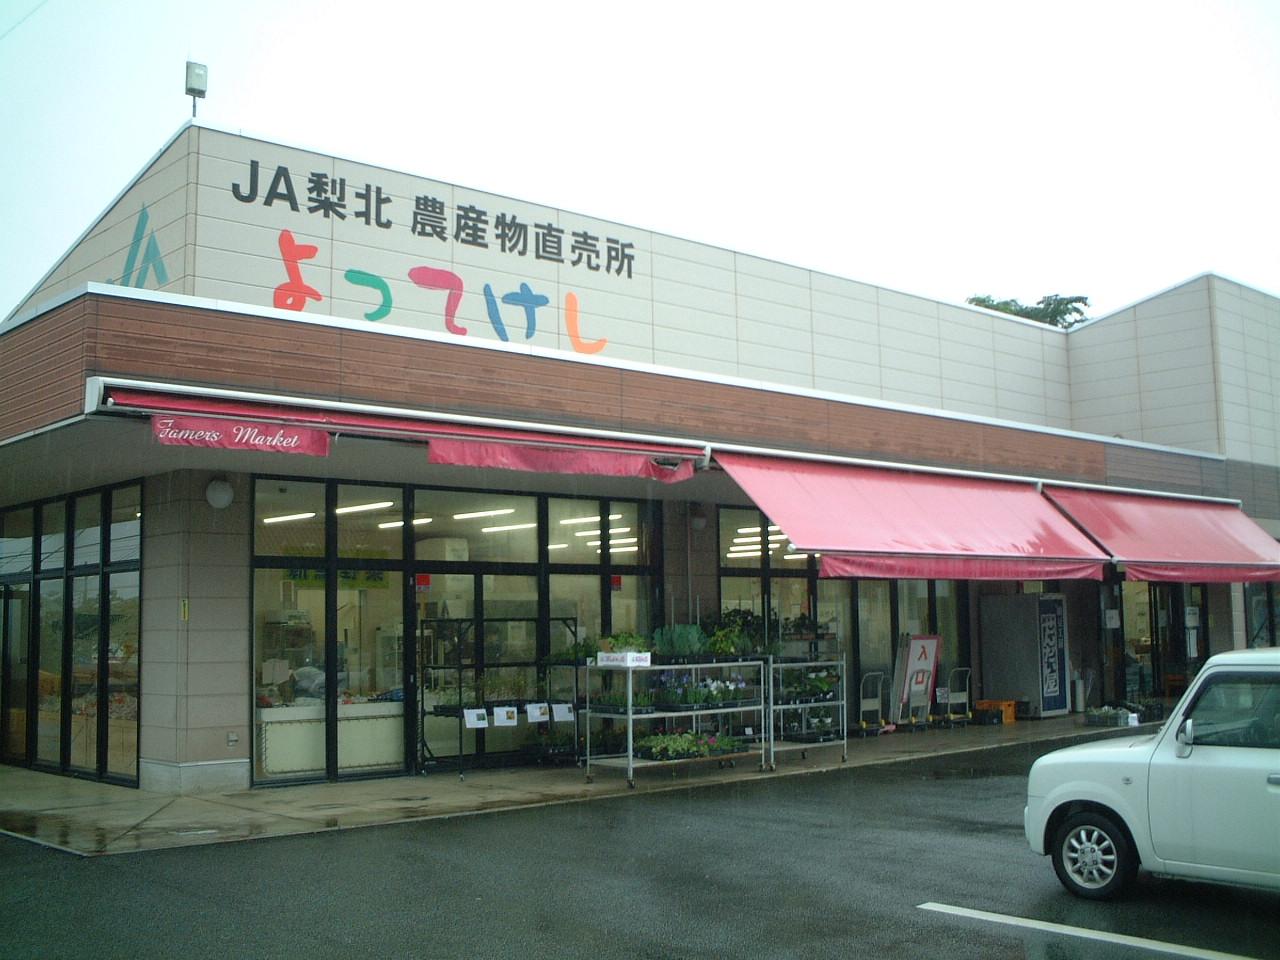 JA梨北農産物直売所 よってけし響が丘店の写真